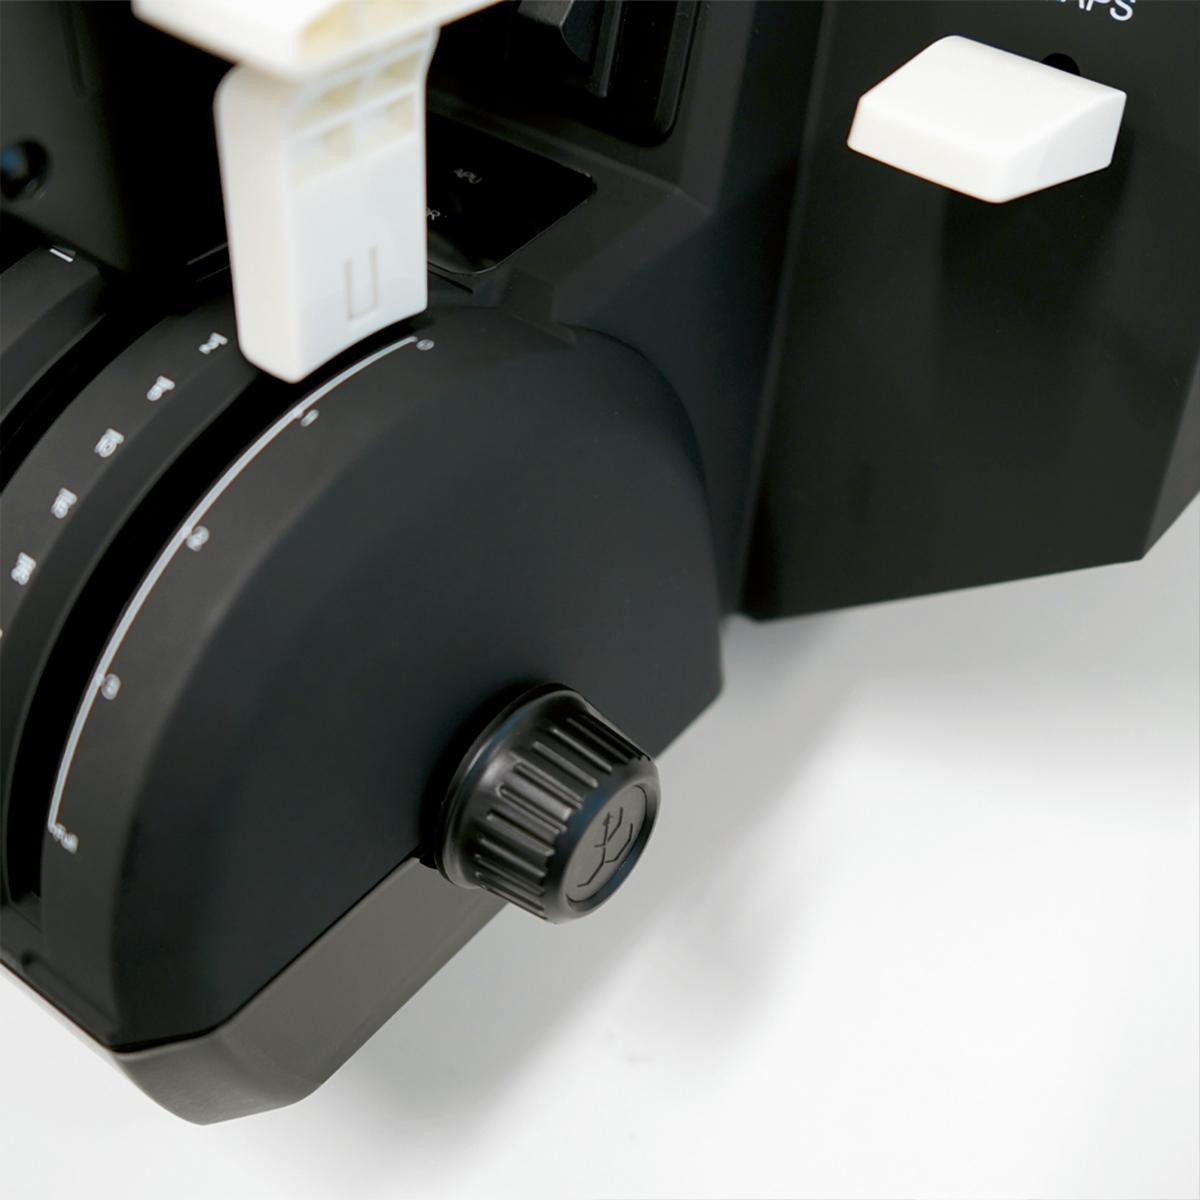 HONEYCOMB BRAVO THROTTLE QUADRANT ハニカム ブラボー スロットル クアドラント スロットルの設定が可能なオールインワンコクピットシステム、2種類6本のレバー付属 デュアルマウンティングシステム採用